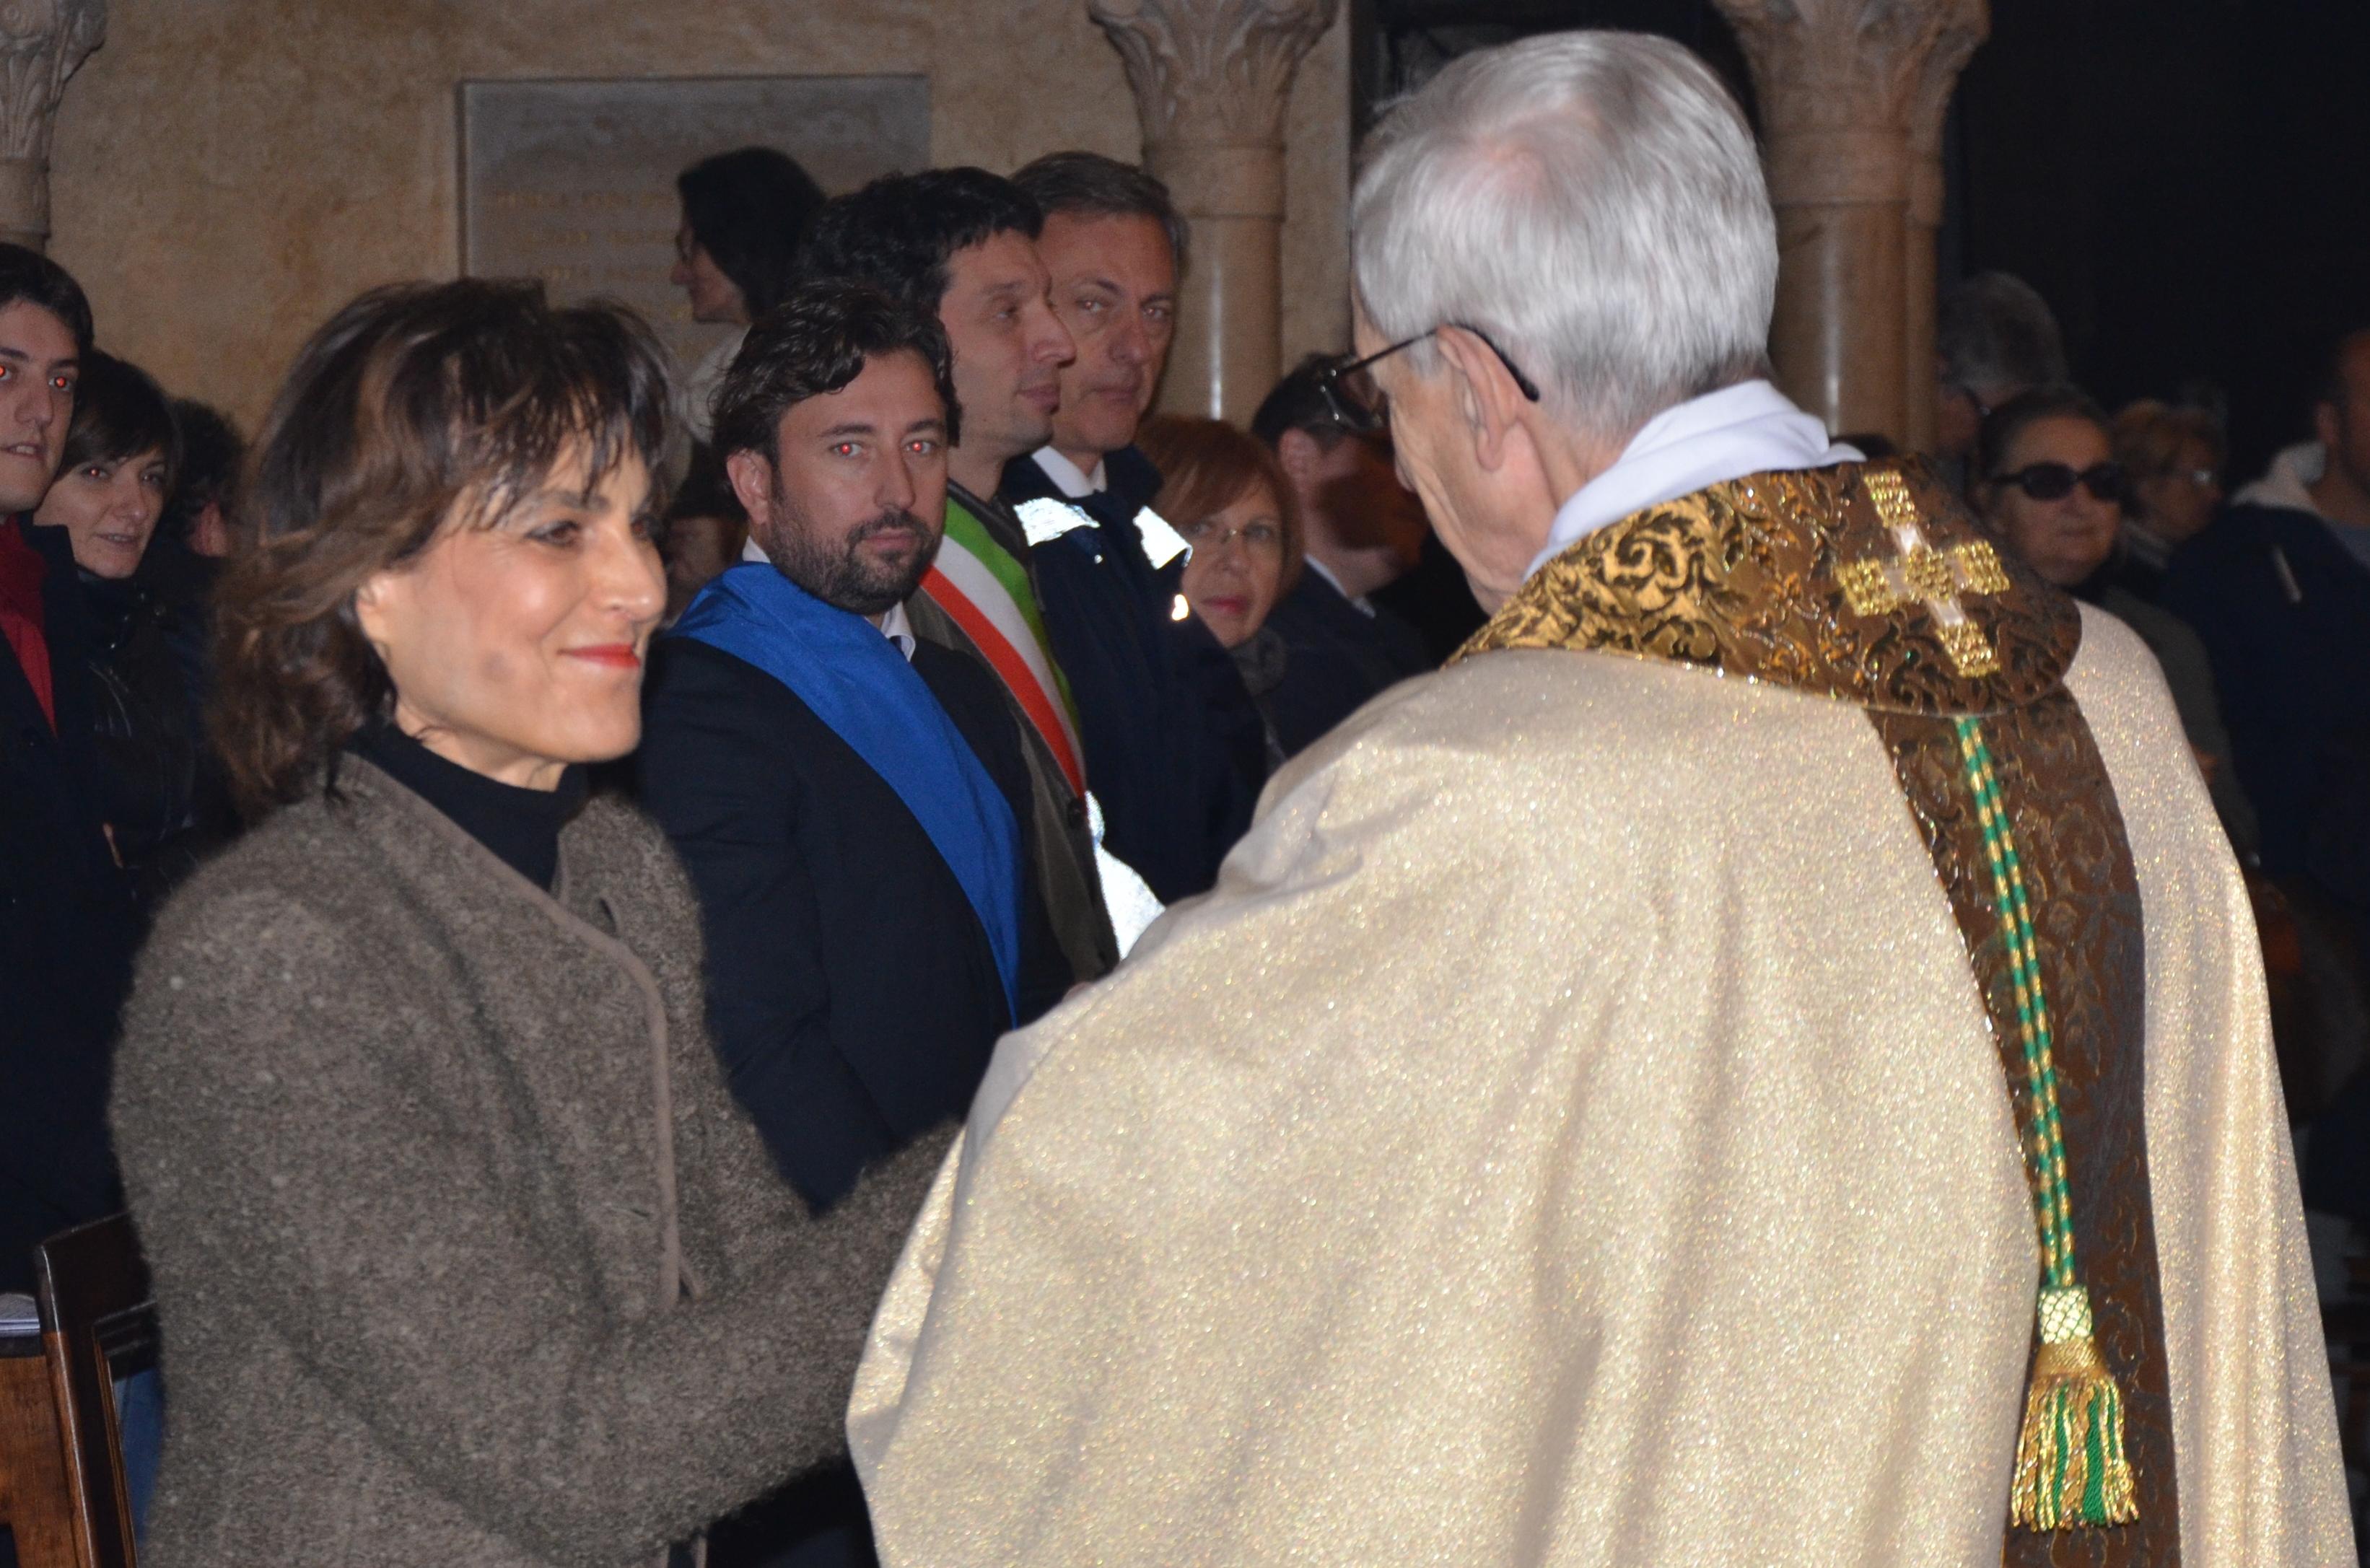 Auguri Di Buon Natale Al Vescovo.Nel Messaggio Di Augurio Per Il Natale Del Prefetto Di